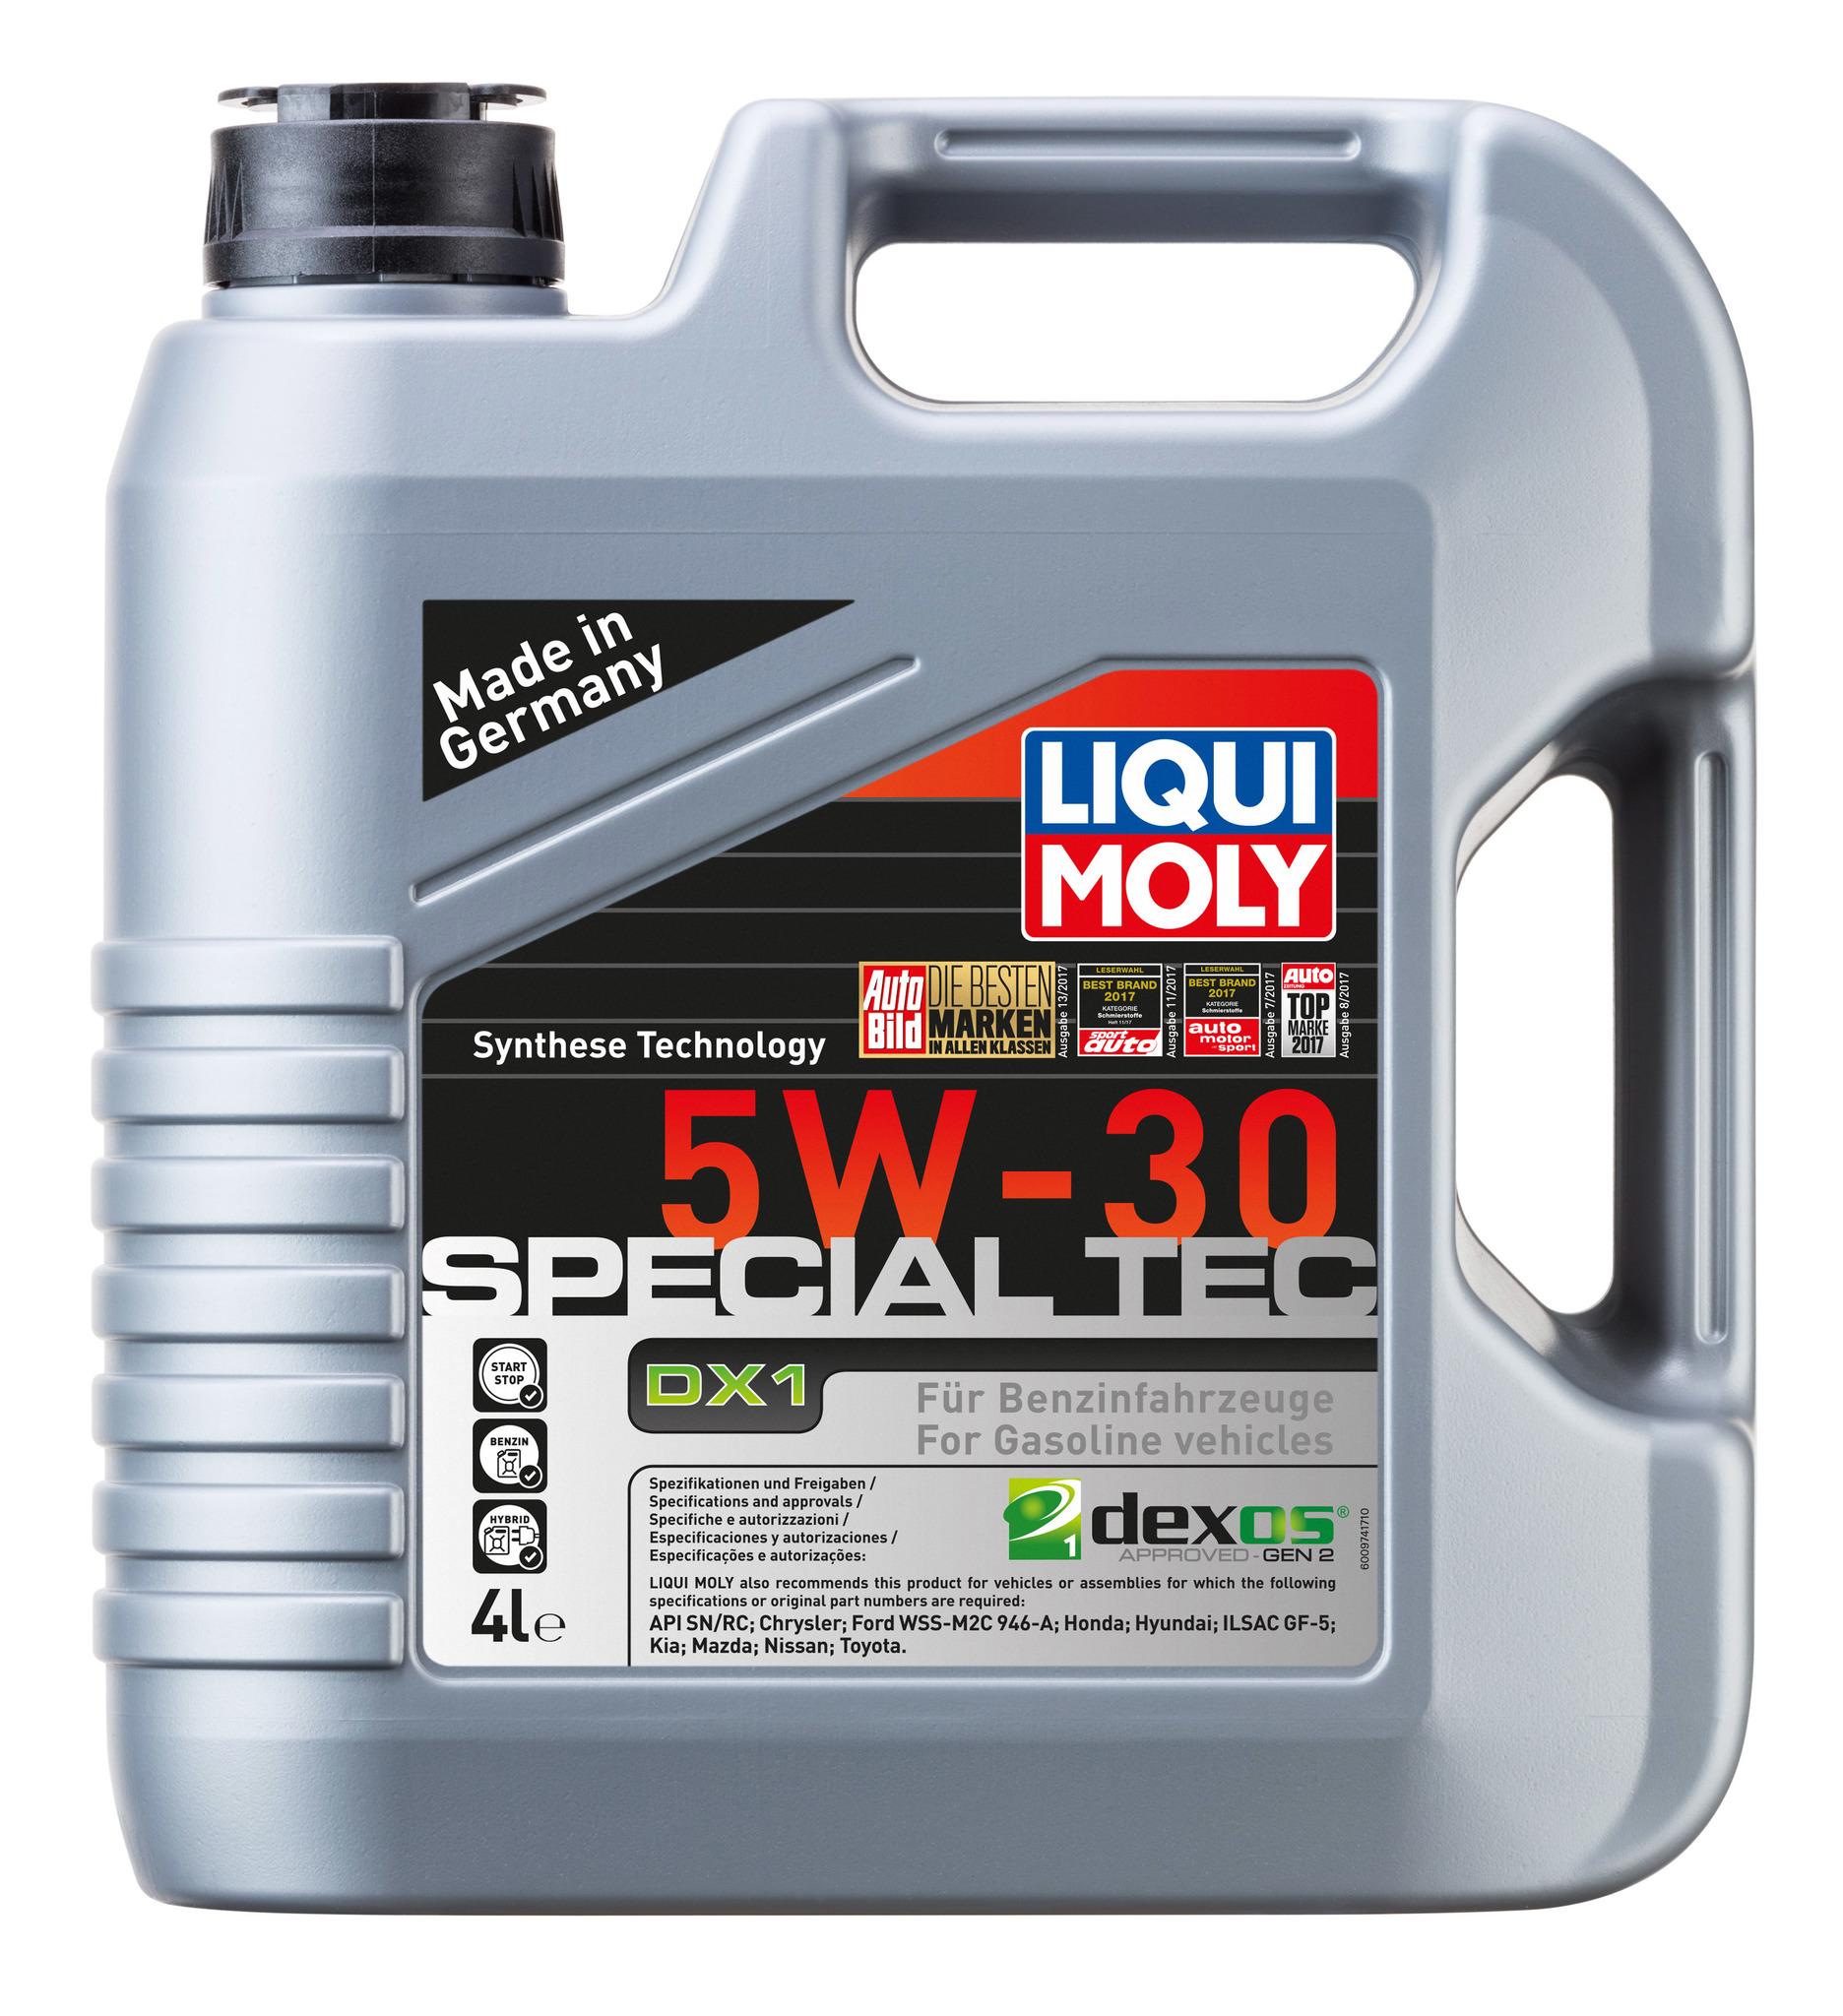 Liqui Moly Special Tec DX1 5W30 НС-синтетическое моторное масло